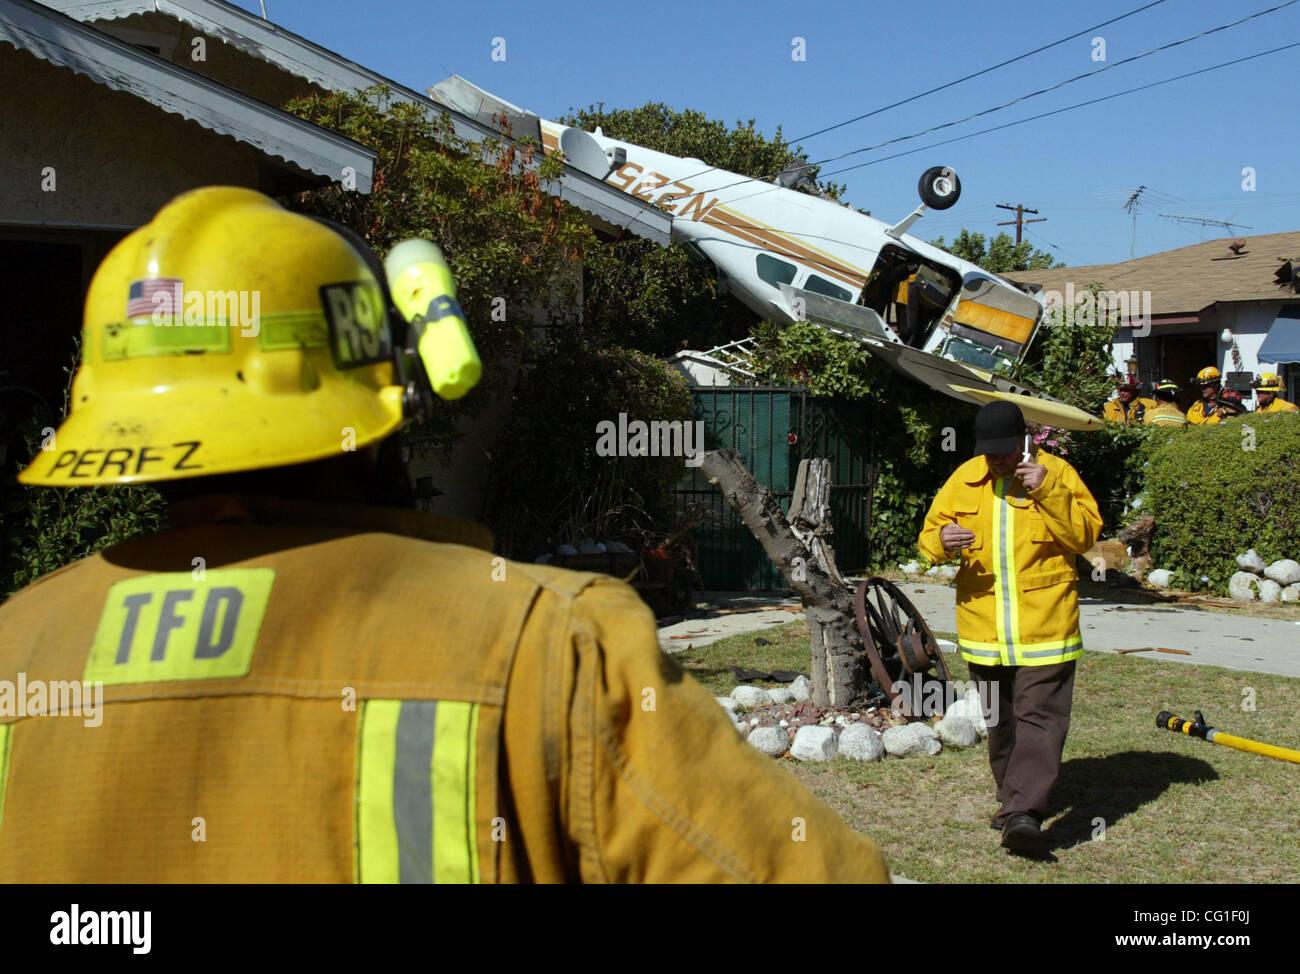 Aug 11, 2007 - Lomita, USA - A small plane crashed into a